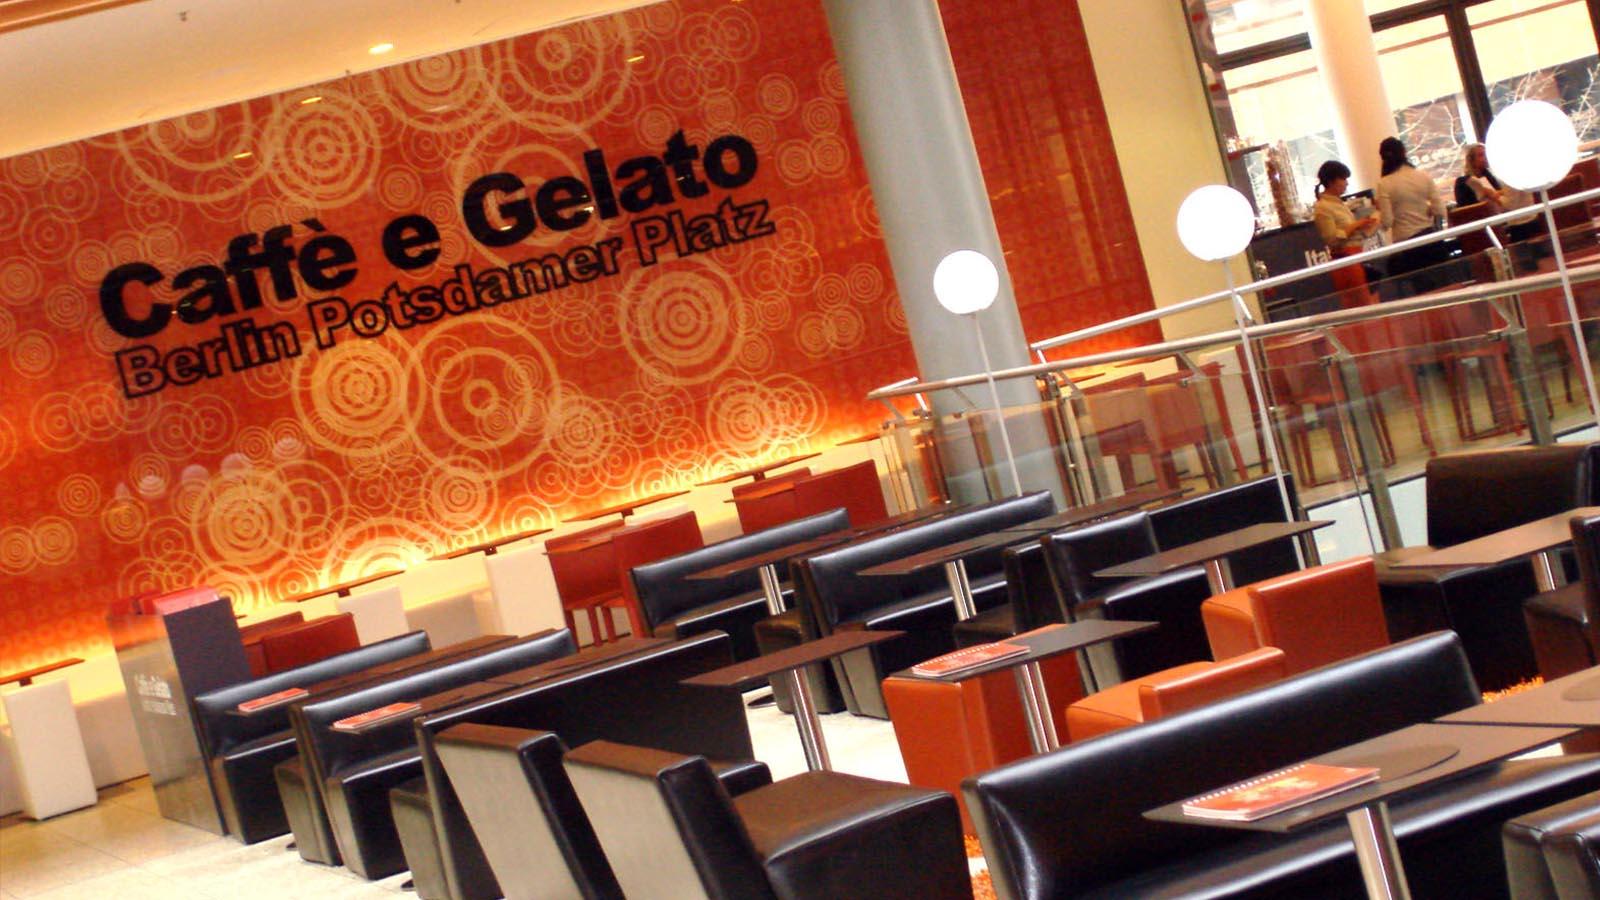 caffe-e-gelato-locale